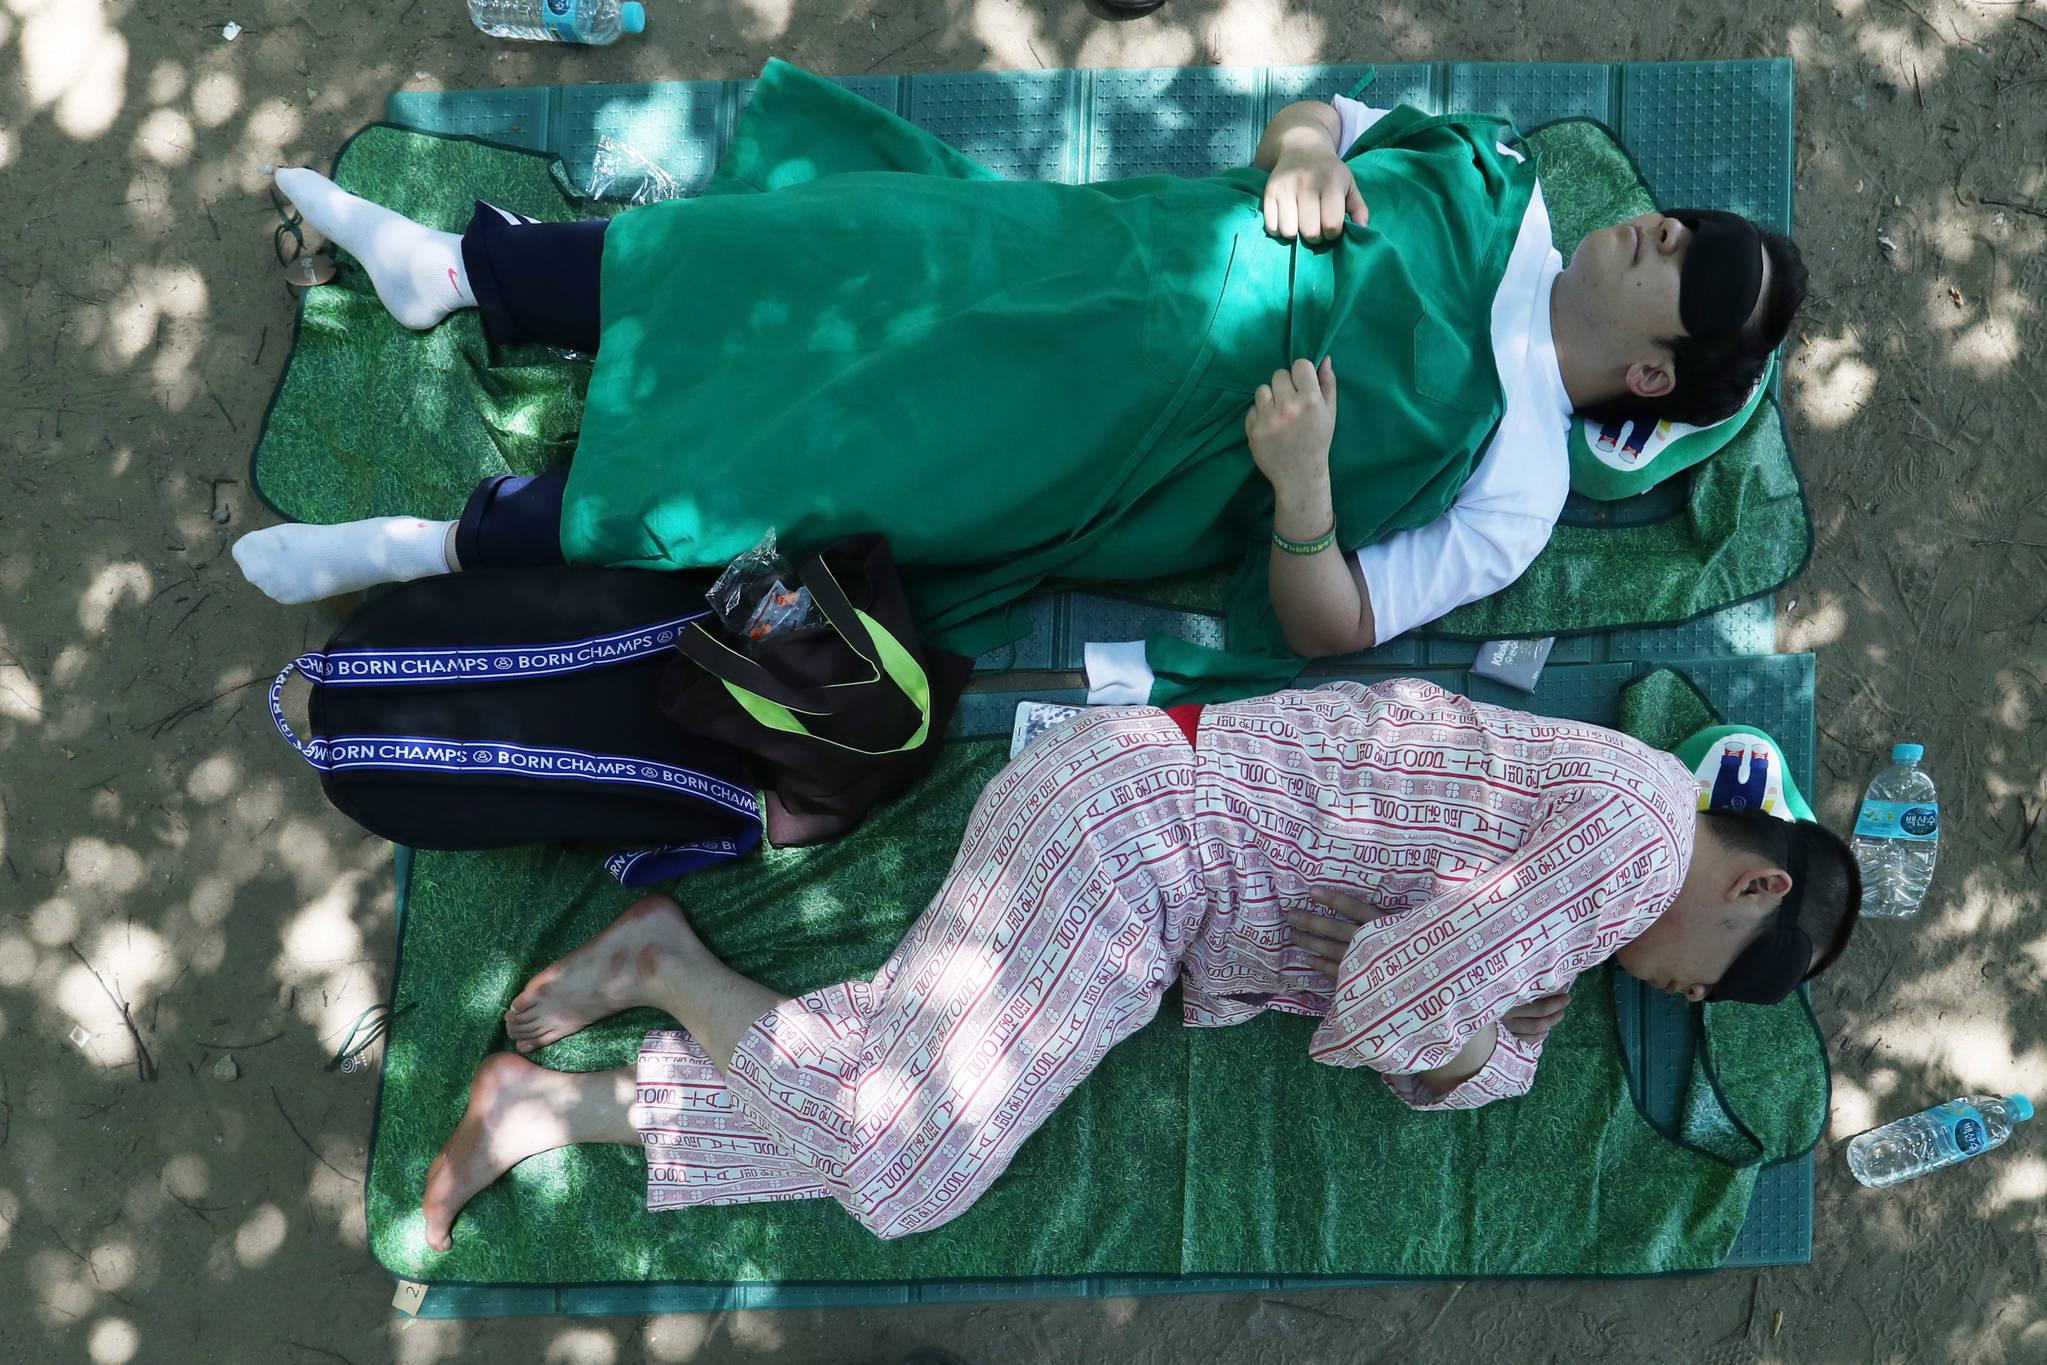 이색 복장을 하고 잠든 참가자들.